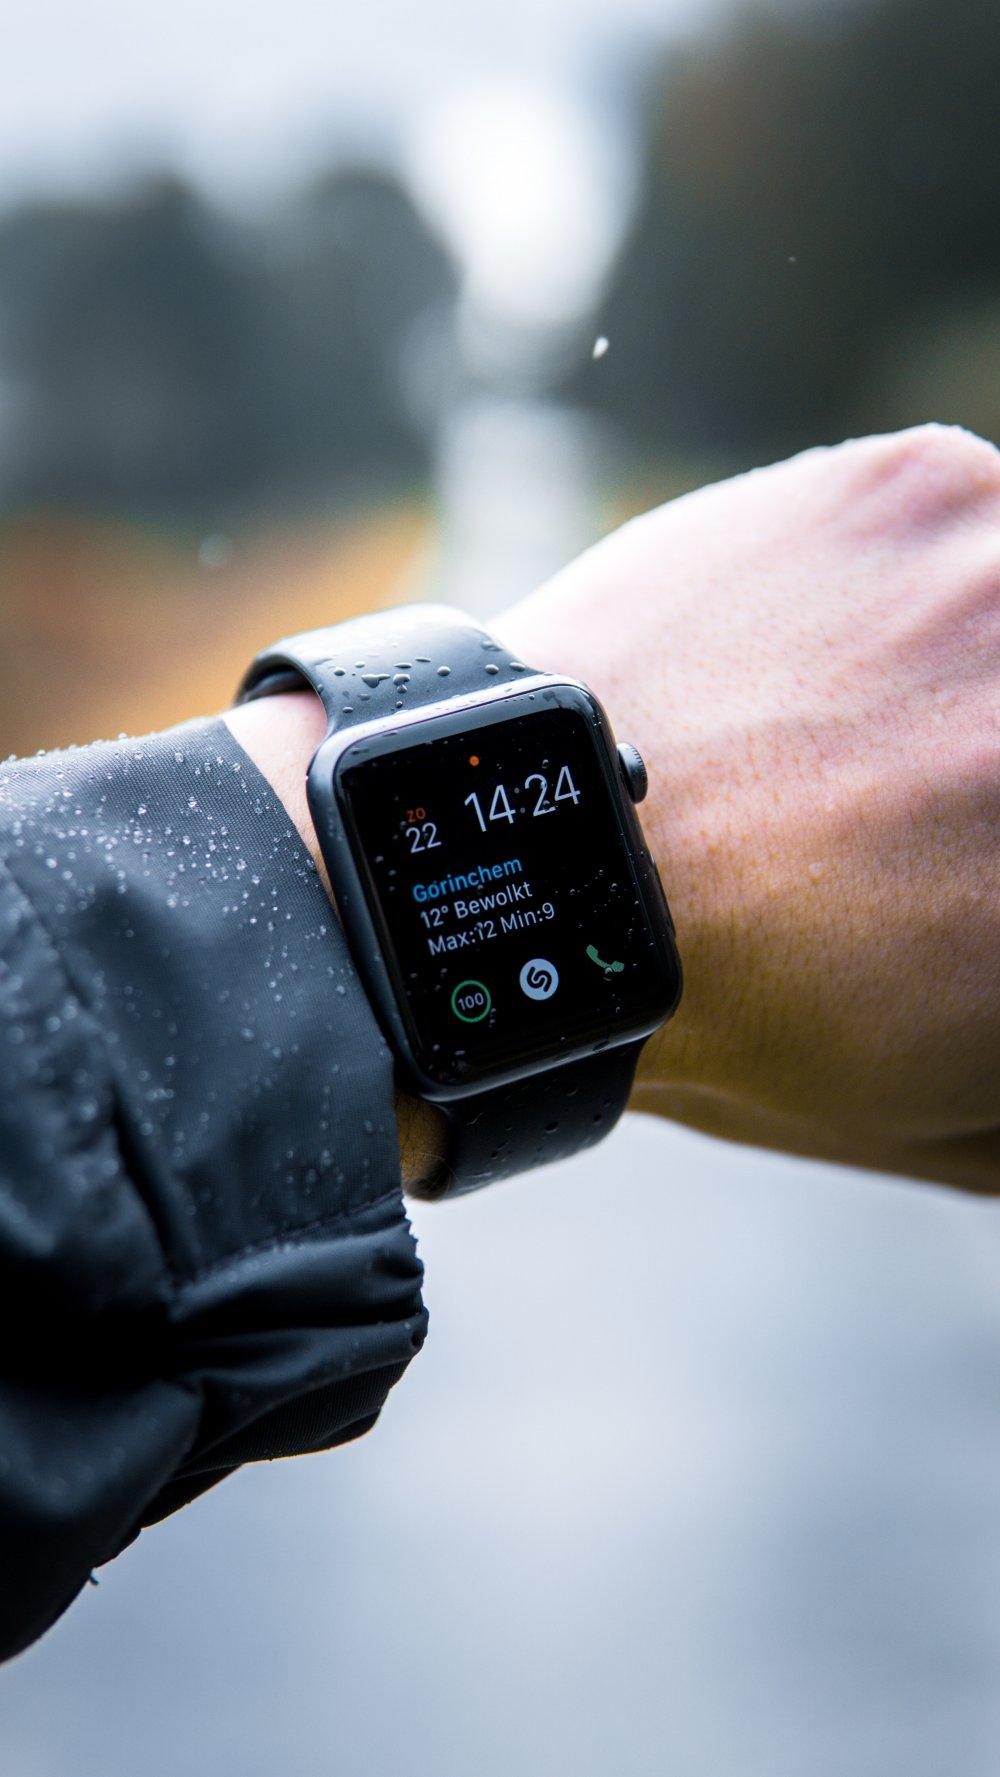 Nu tar du och köper en smartwatch, herr konservativ